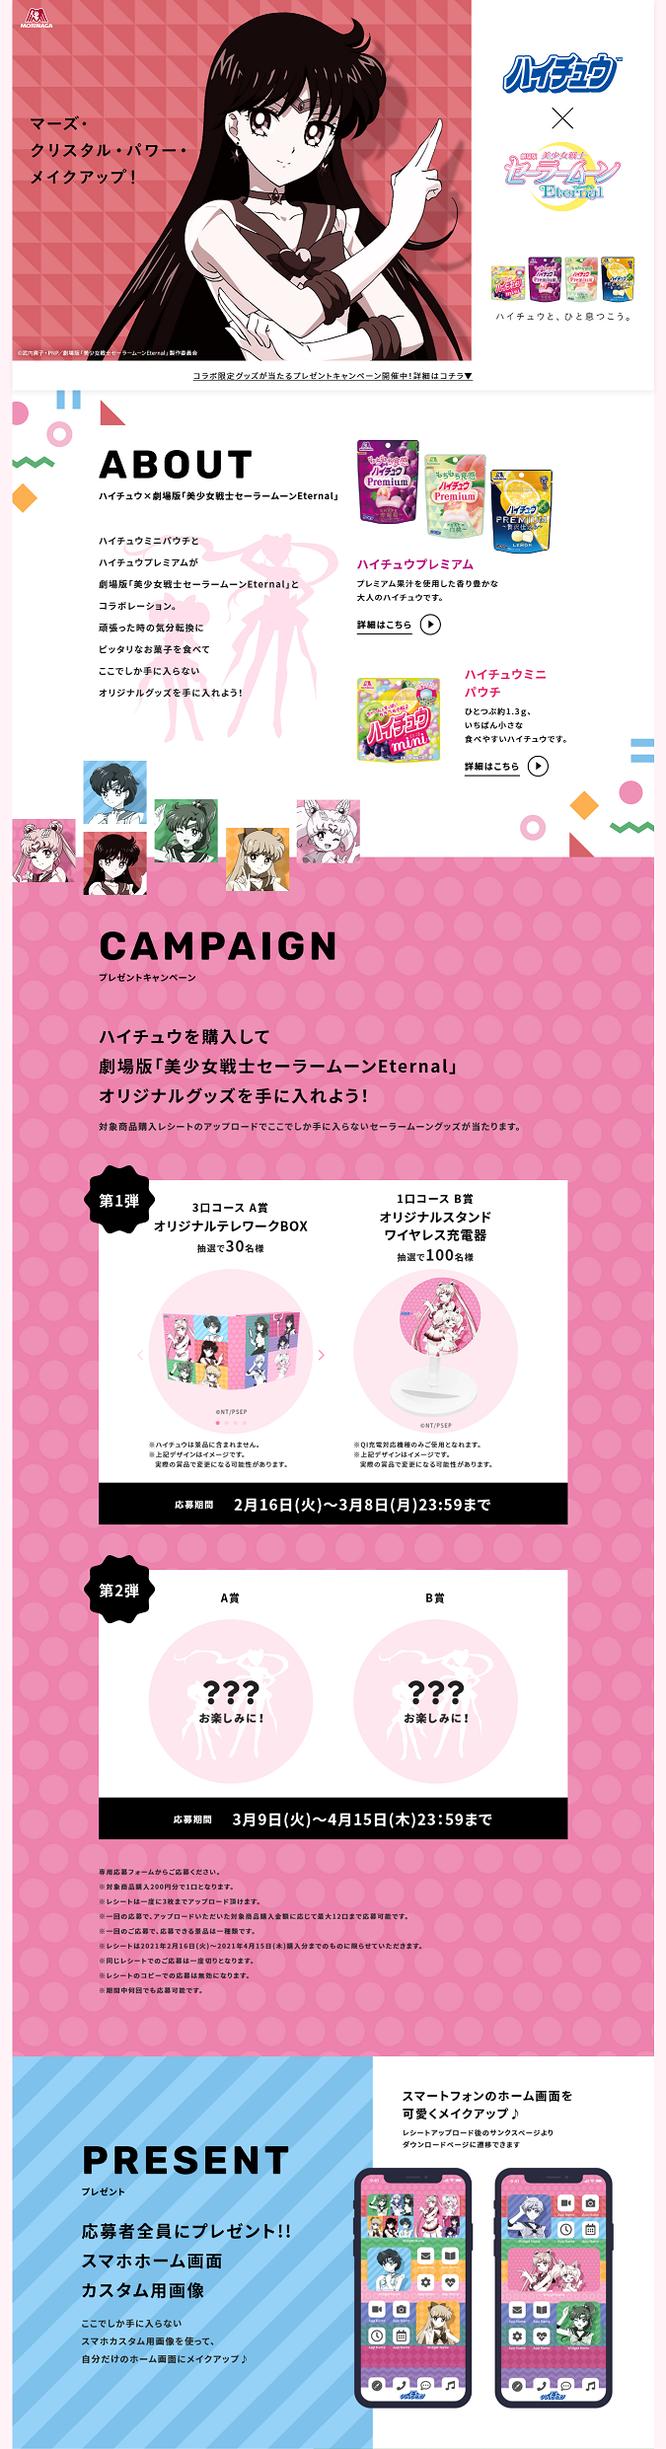 【森永製菓】ハイチュウ 劇場版「美少女戦士セーラームーンEternal」コラボキャンペーン